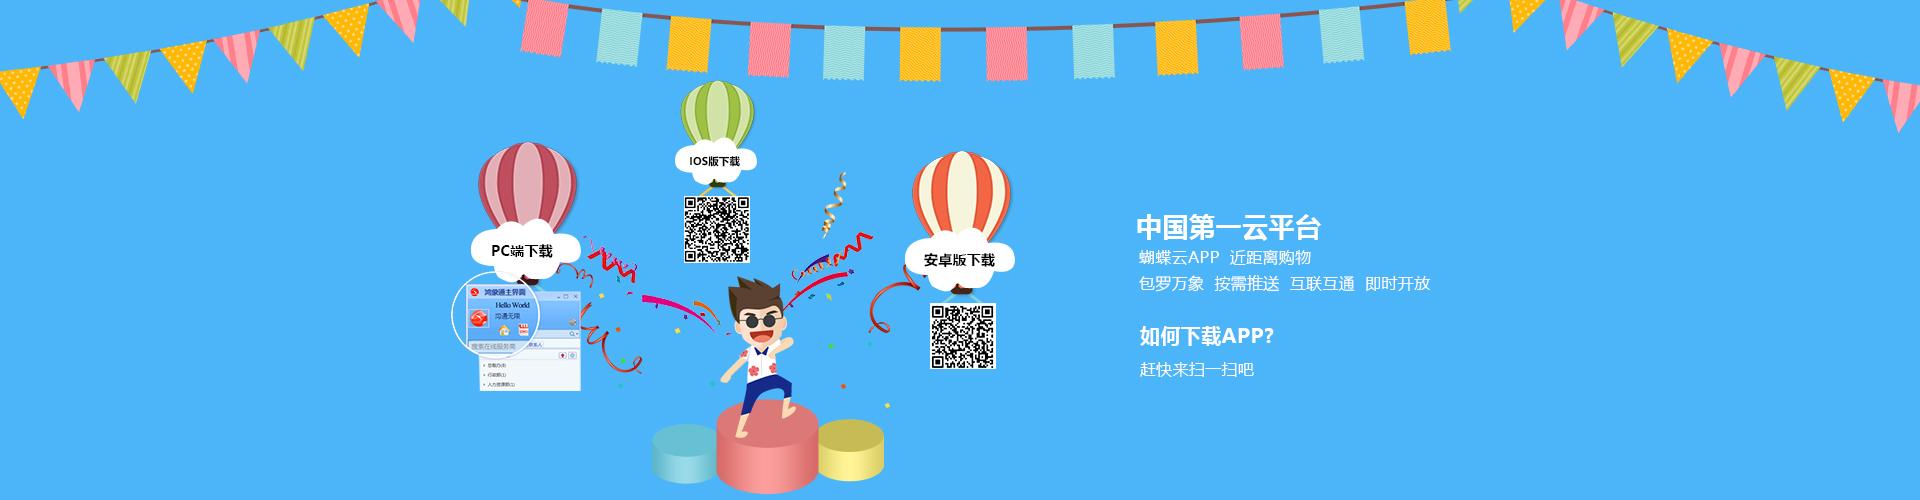 安徽云丰网络-首个云平台-蝴蝶云app